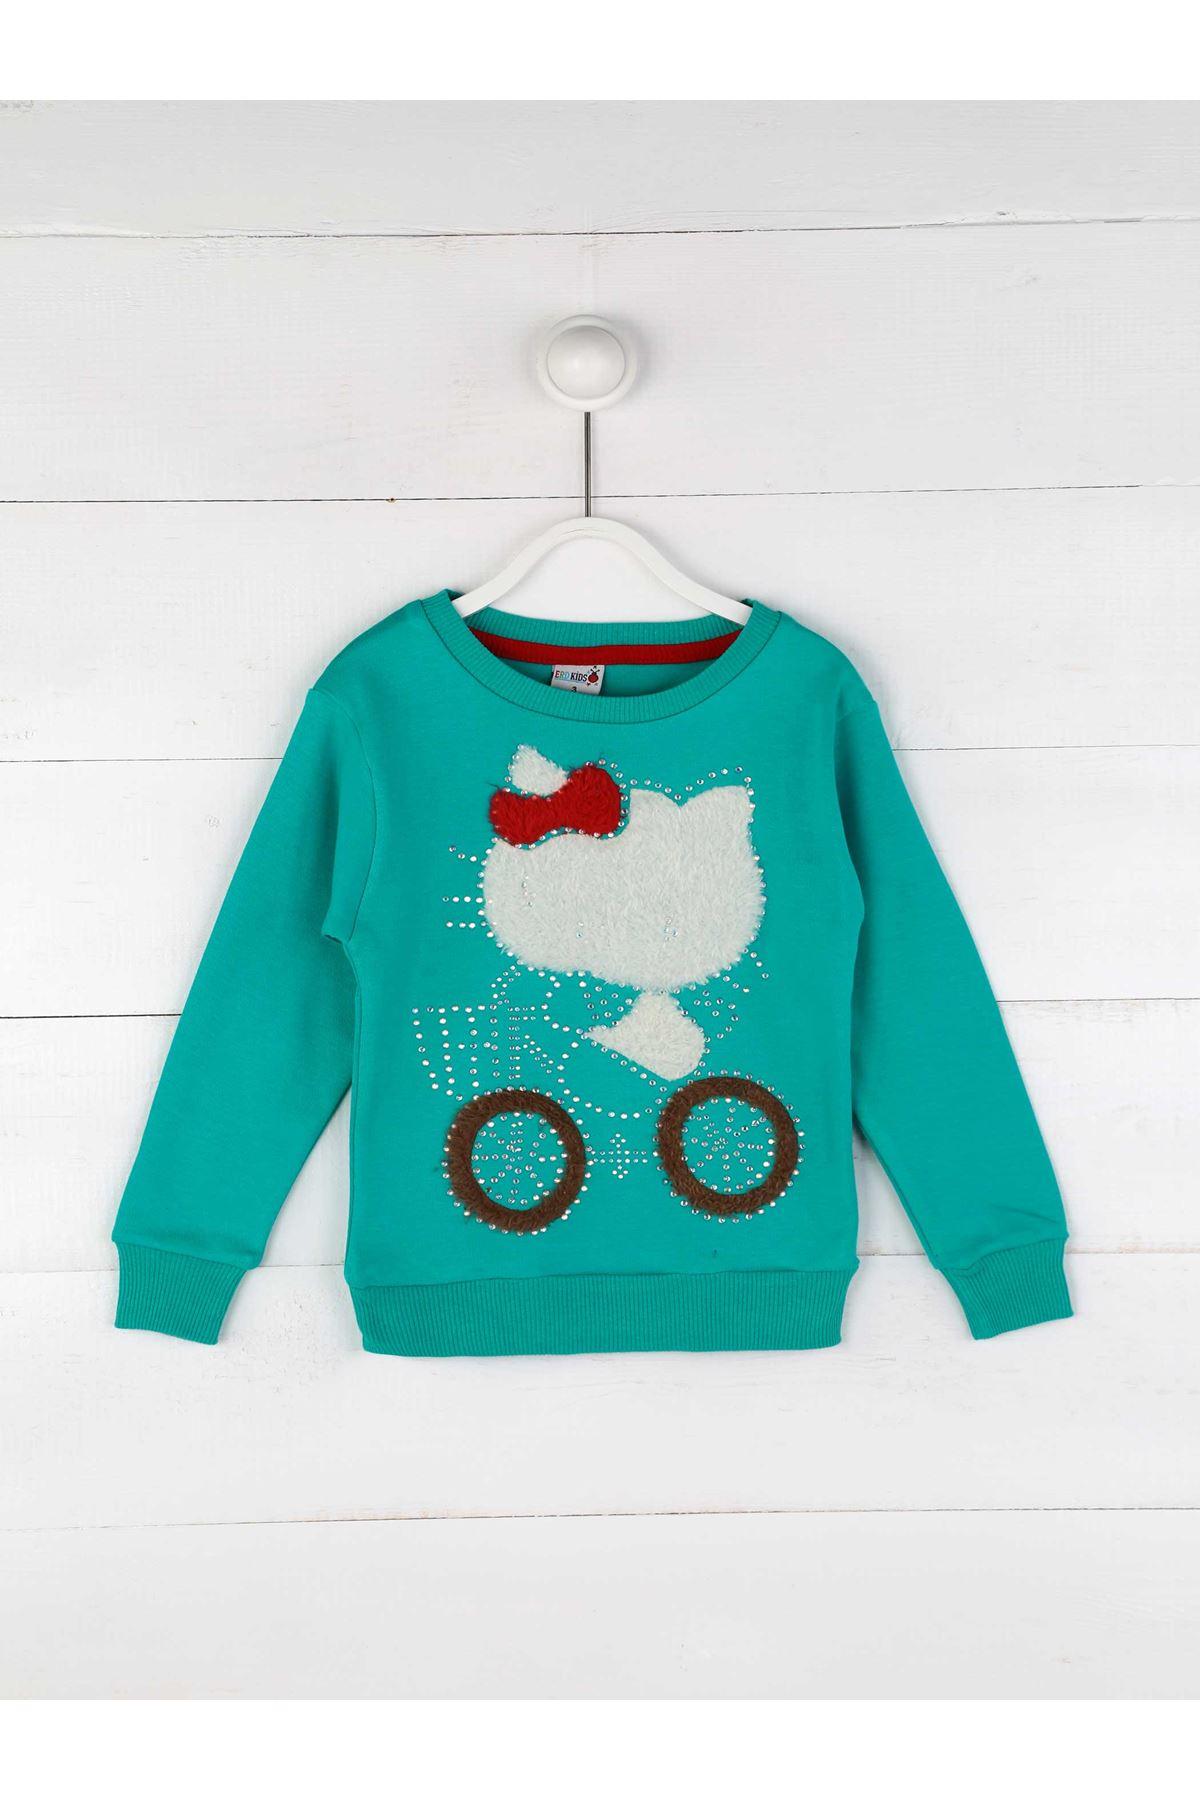 Petrol Yeşili Kışlık Kız Çocuk Sweatshirt